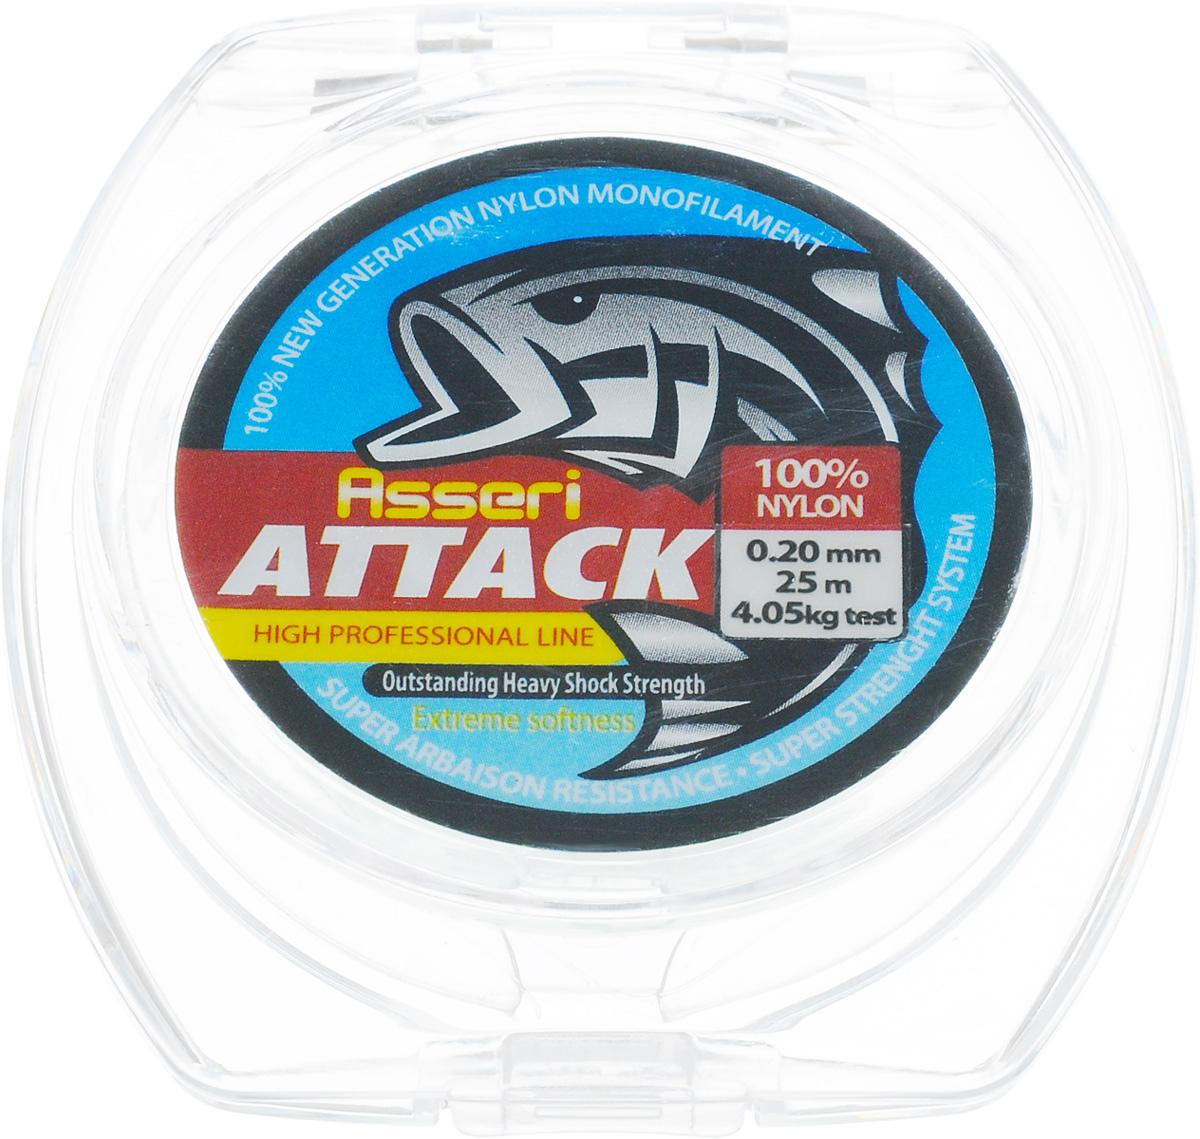 Леска зимняя Asseri Attack, цвет: прозрачный, 25 м, 0,20 мм, 4,05 кгPGPS7797CIS08GBNVЛеска Asseri Attack изготовлена из 100% нейлона и рассчитана на рыбную ловлю в зимних условиях. Она очень прочная, хорошо тянется и долговечна в применении.